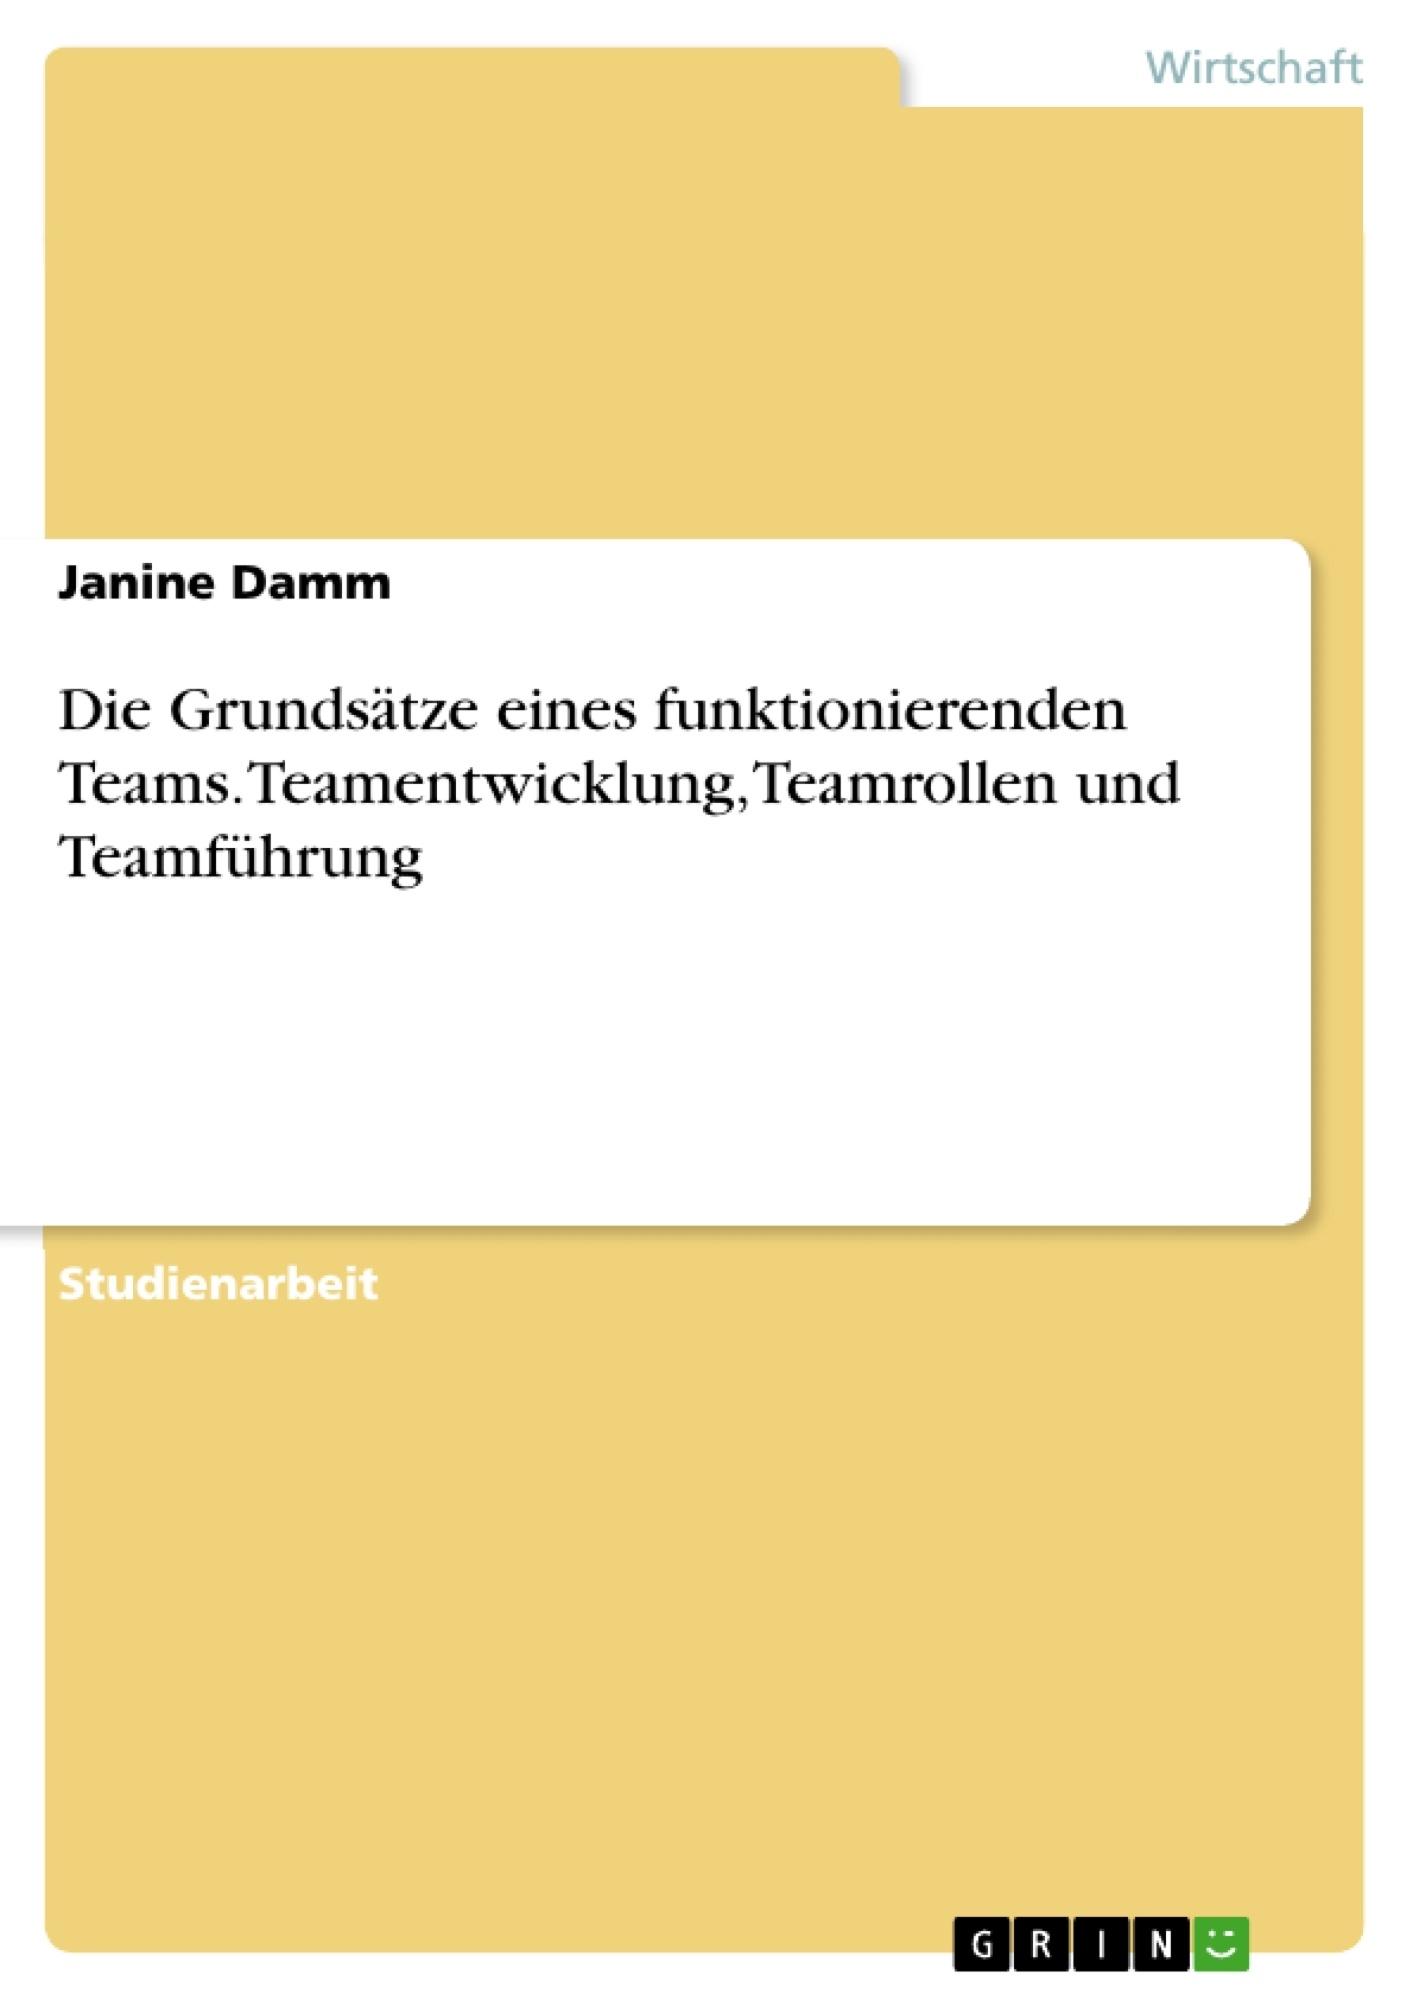 Titel: Die Grundsätze eines funktionierenden Teams. Teamentwicklung, Teamrollen und Teamführung